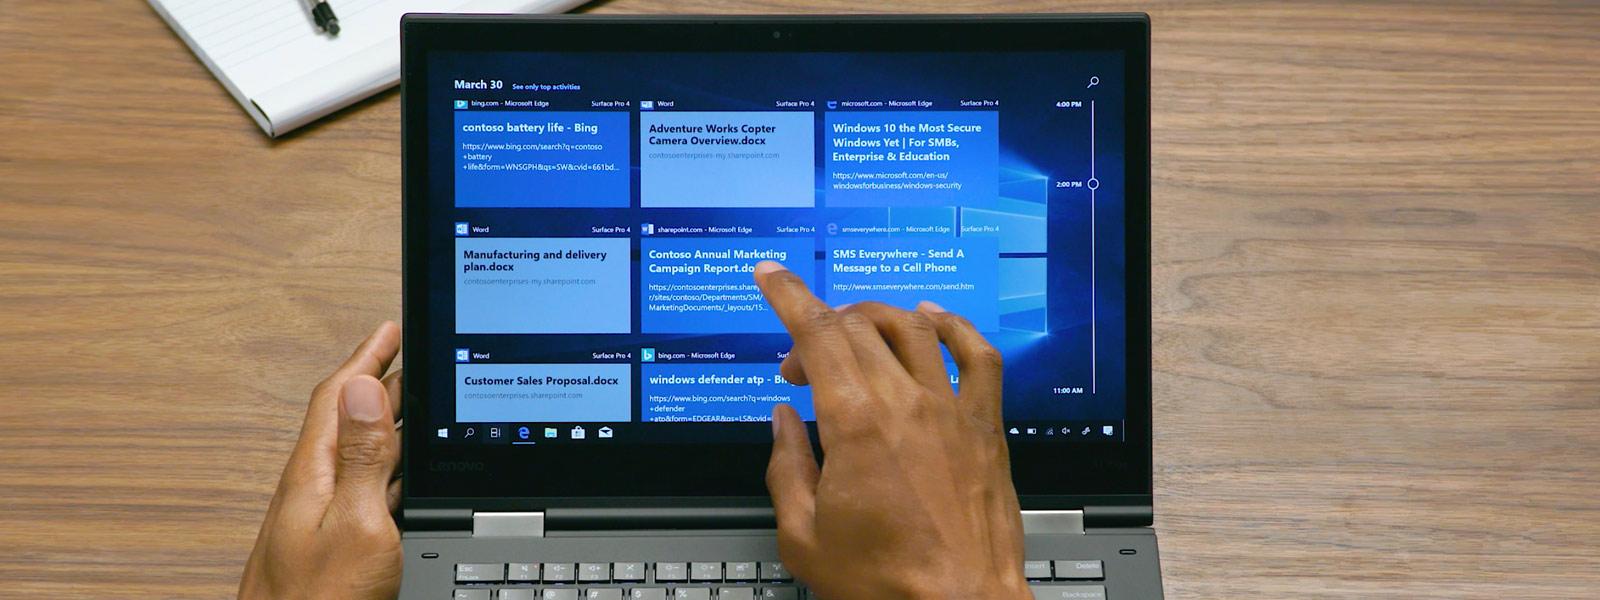 Мужчина пользуется сенсорным ноутбуком с функцией Windows Timeline на экране